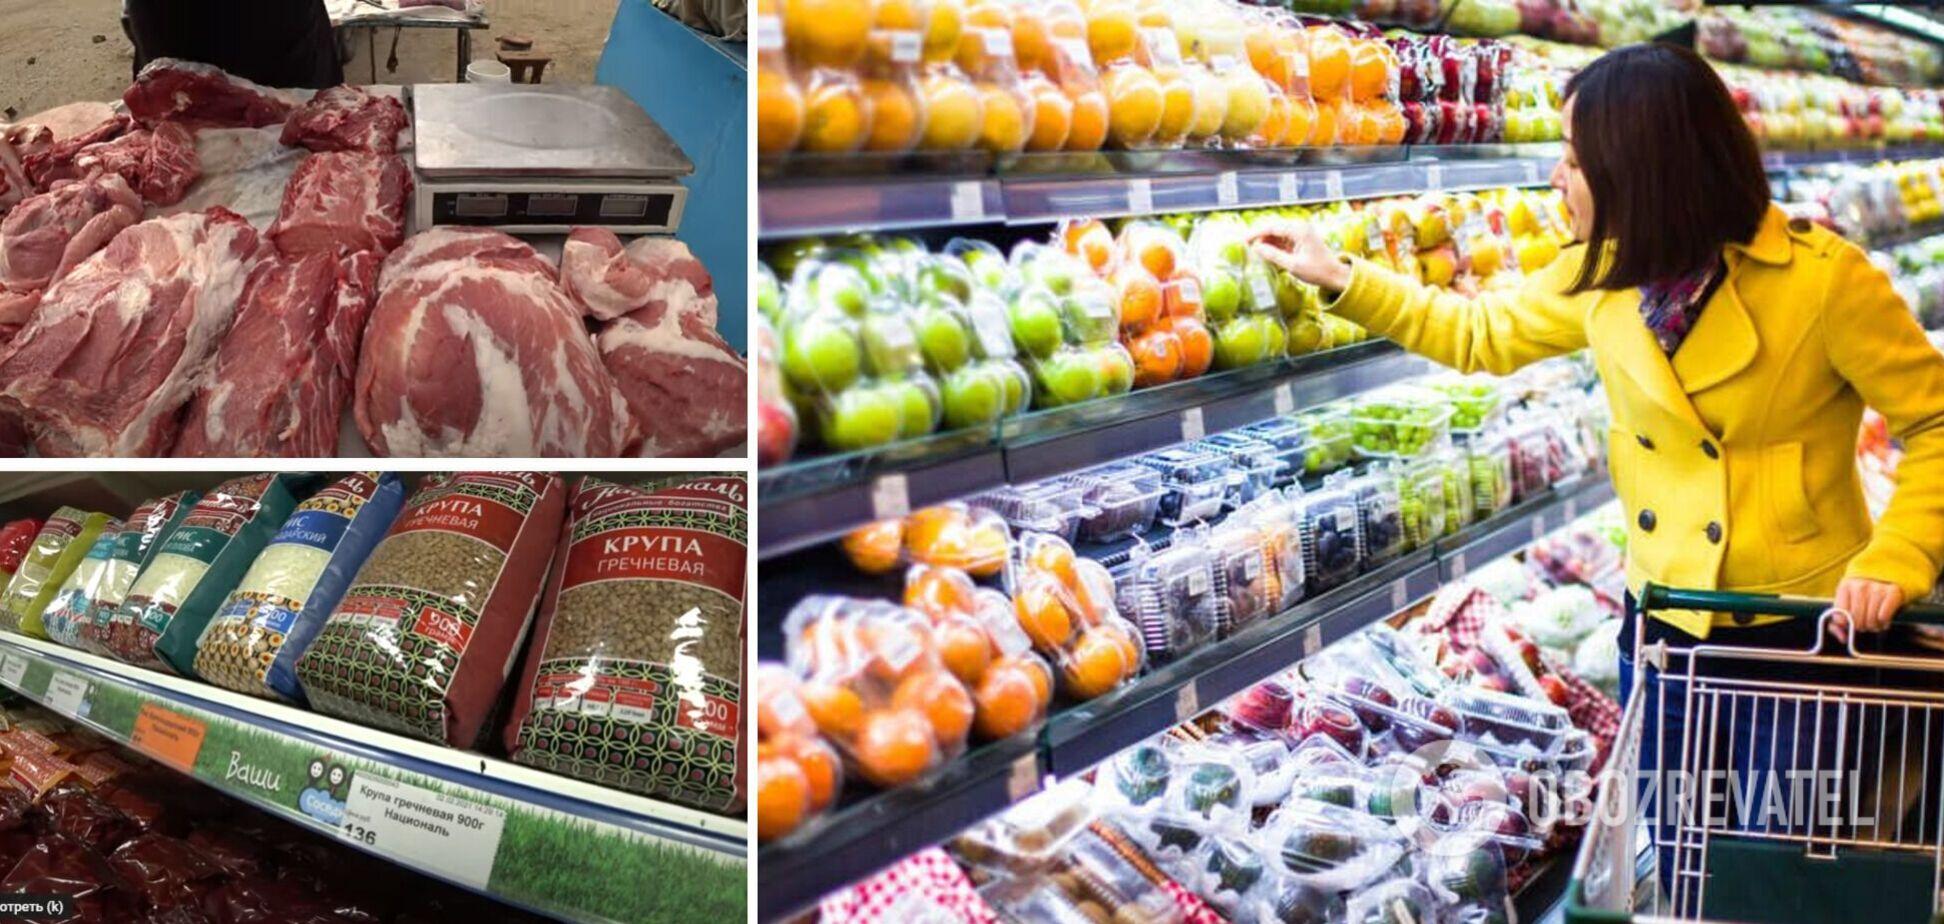 Цены растут, но еды все равно не хватает: жители Крыма пожаловались на продуктовую изоляцию